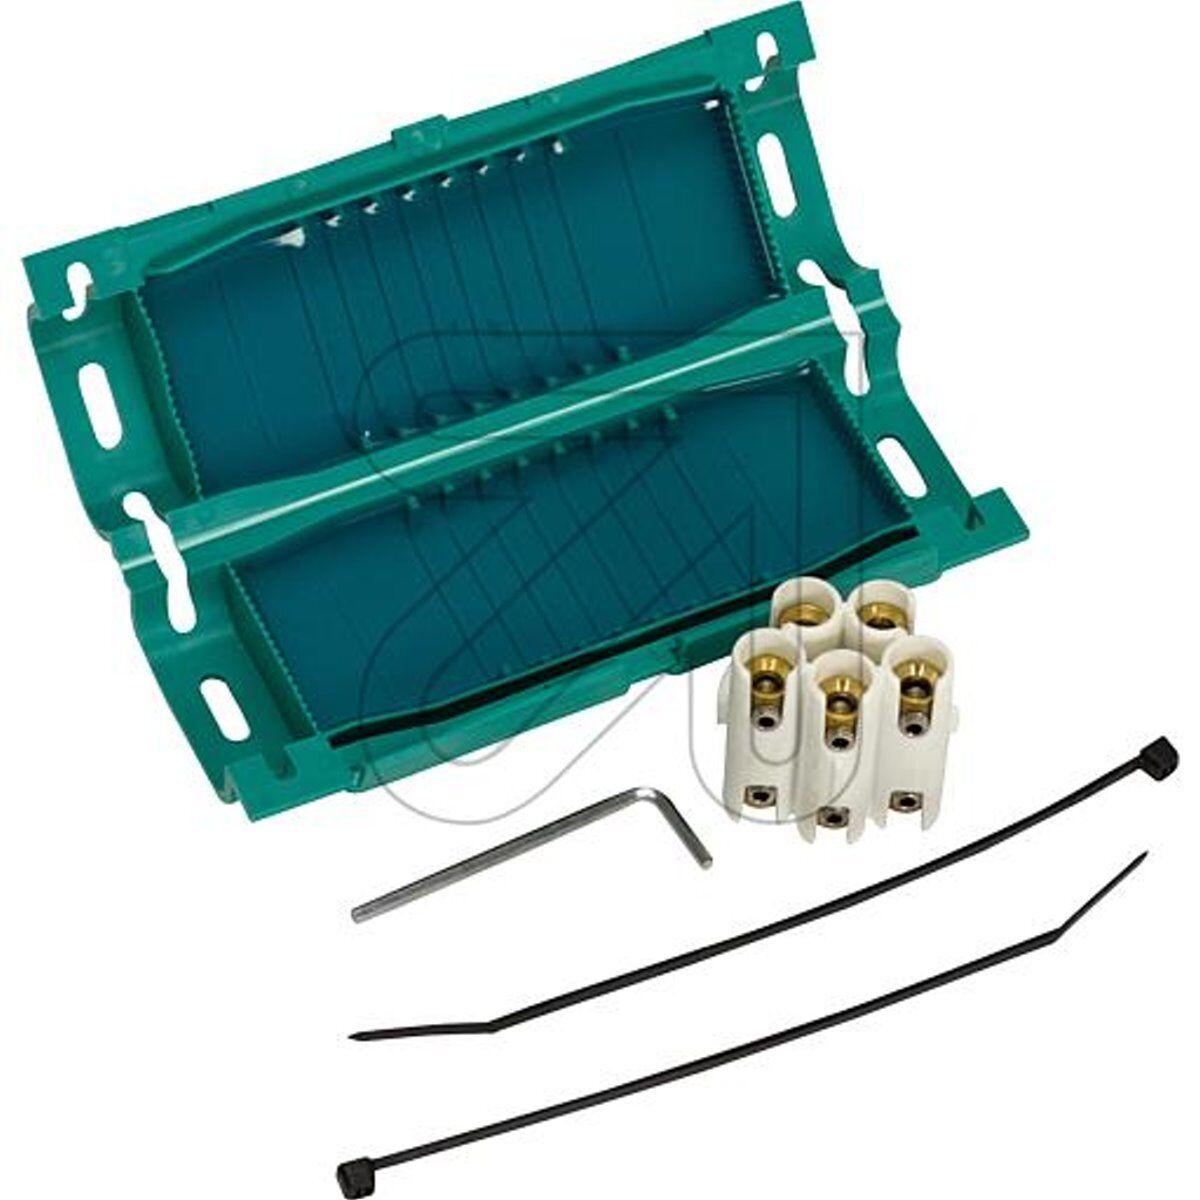 Gel Kabelgarnitur Relicon V 516 für Kabel bis 5x16 mm²